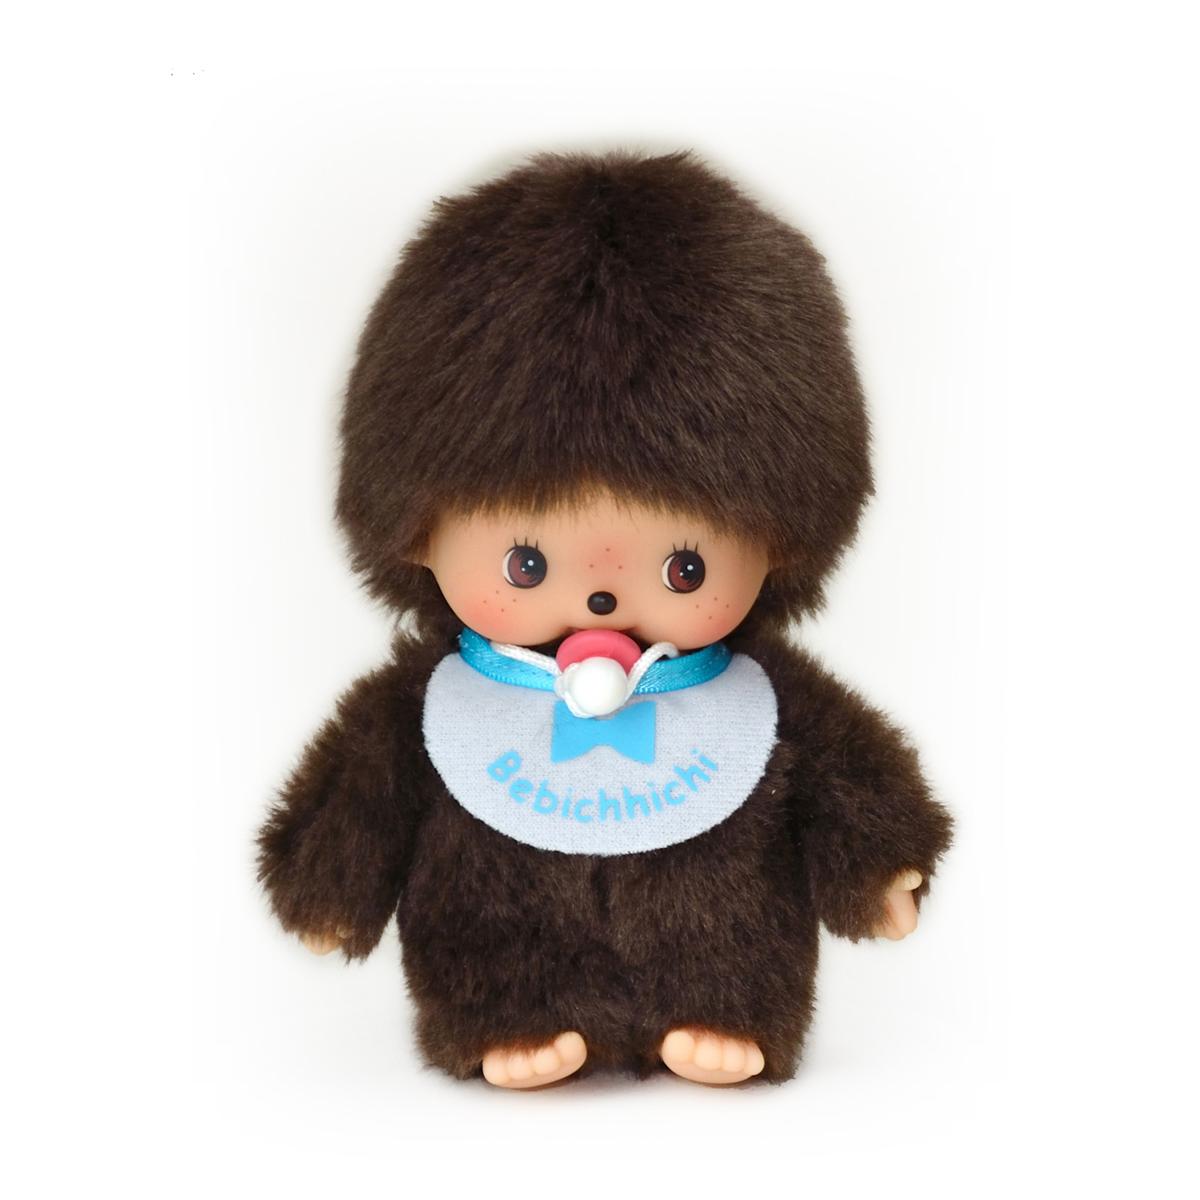 Купить Мягкая игрушка – Бэбичичи, 15 см мальчик в голубом слюнявчике, Monchhichi